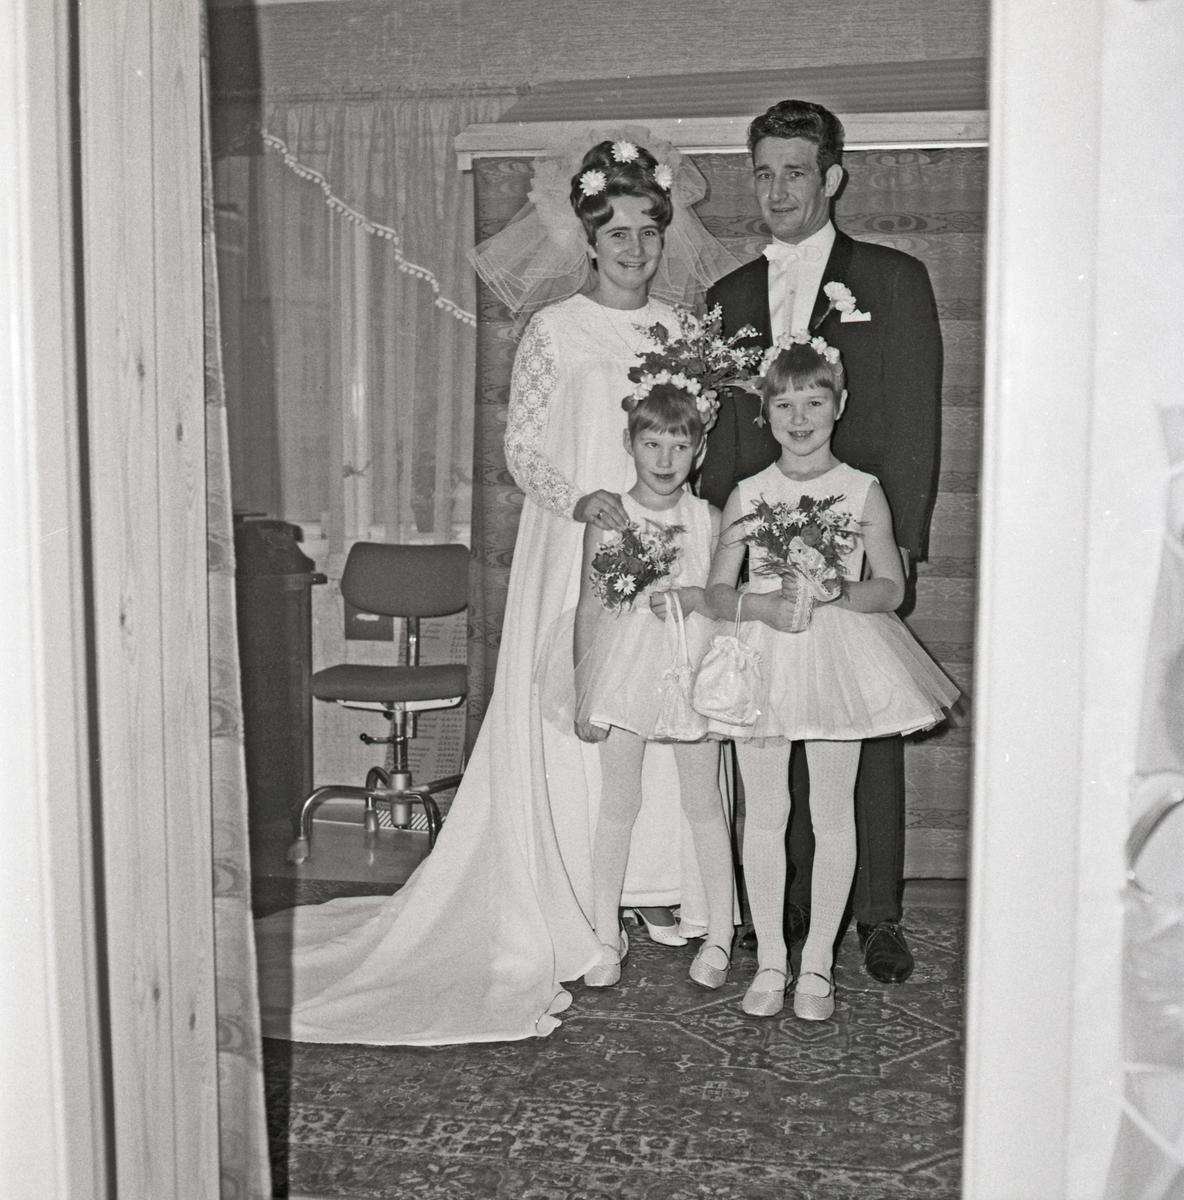 Bryllupsutstyrssalongen. Utleie av brudekjoler etc.